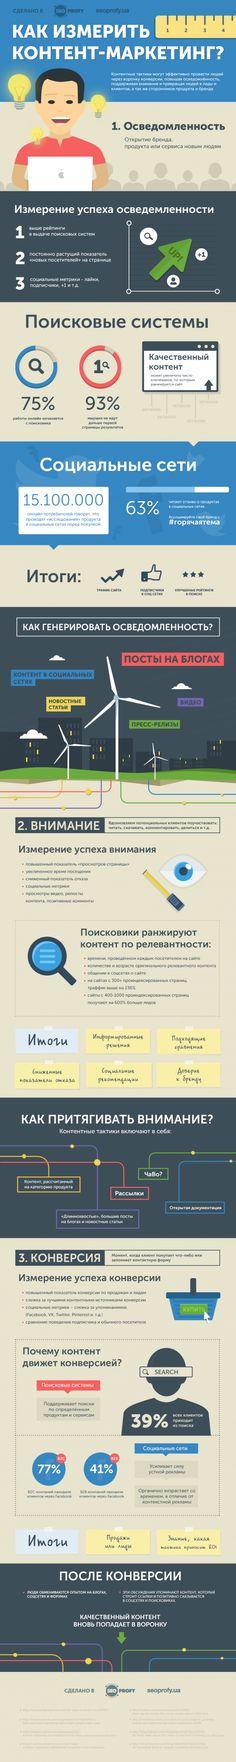 Как измерить контент маркетинг – Инфографика